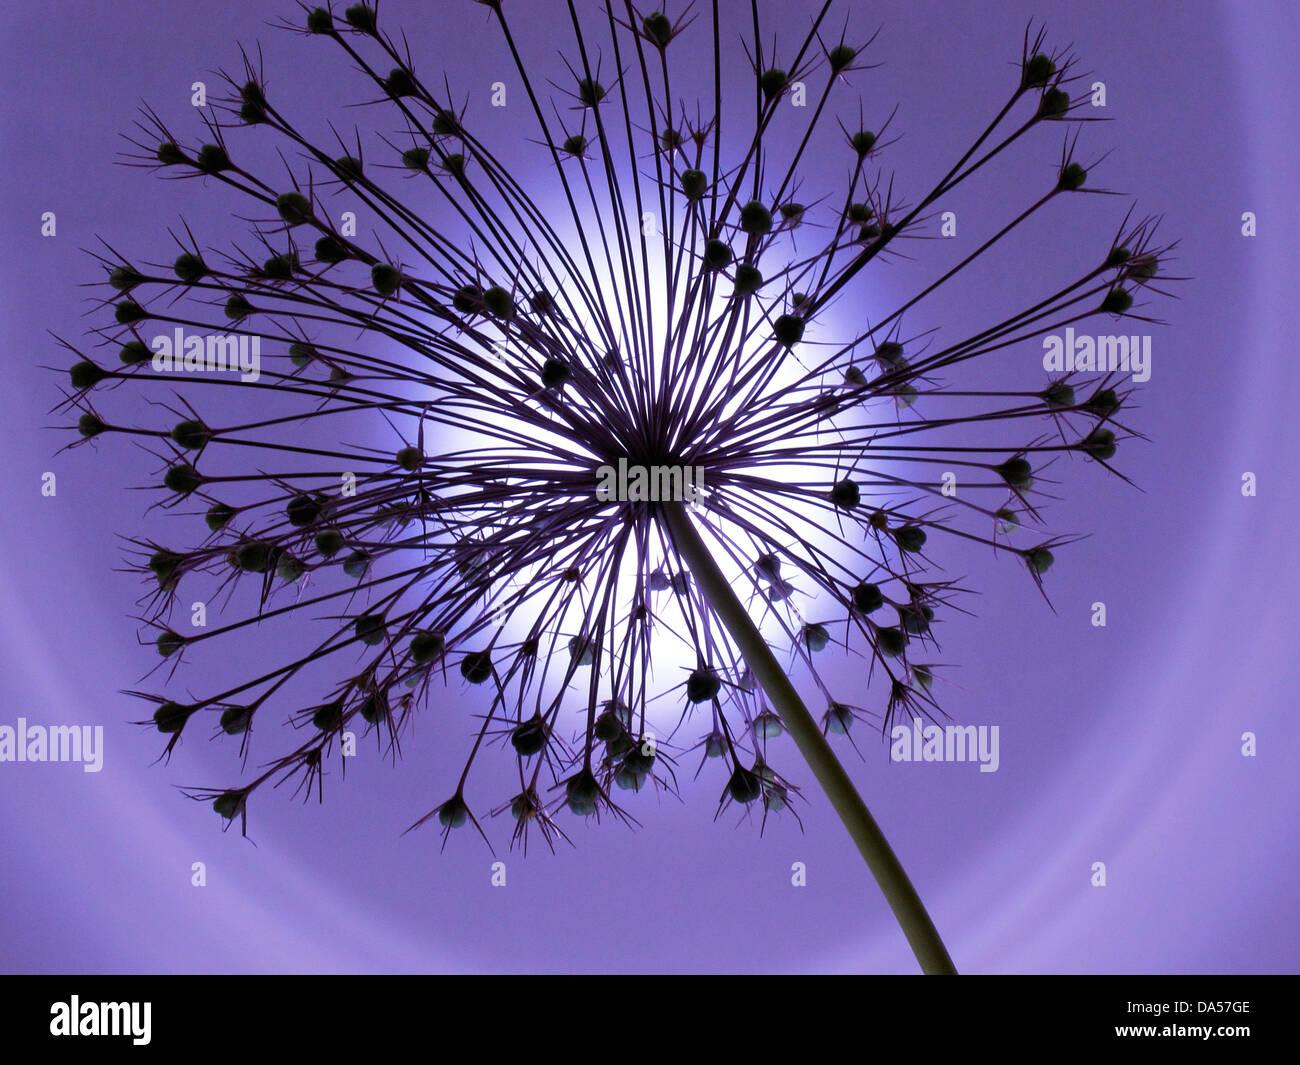 Blume, verwelkt, Allium, Konzept, Stern, Konzepte, Sterne, Licht, blau Stockbild